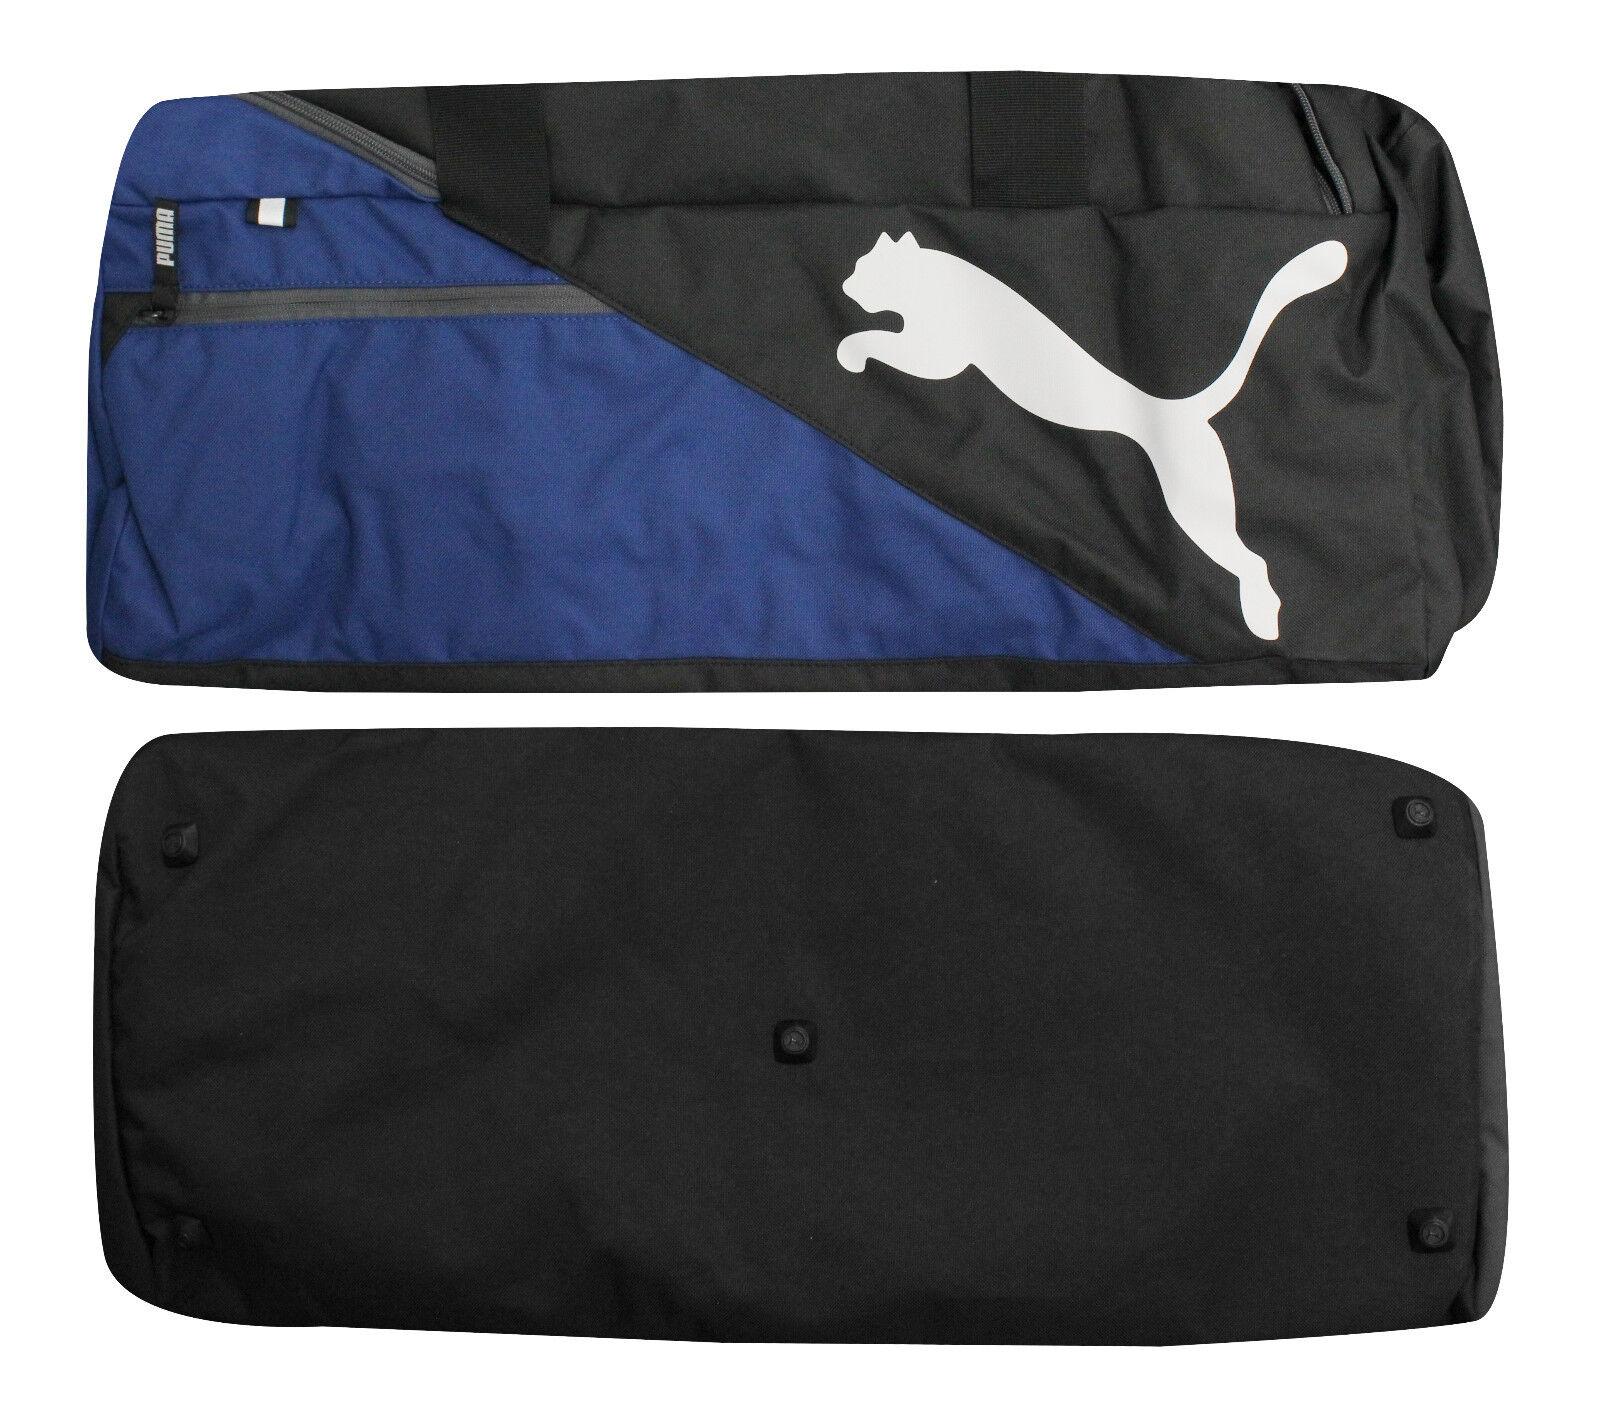 3ebf186c1423 Puma Fundamentals Sports M Mens Unisex Duffle Gym Bag Blue Black 073395 03  CC10 фото